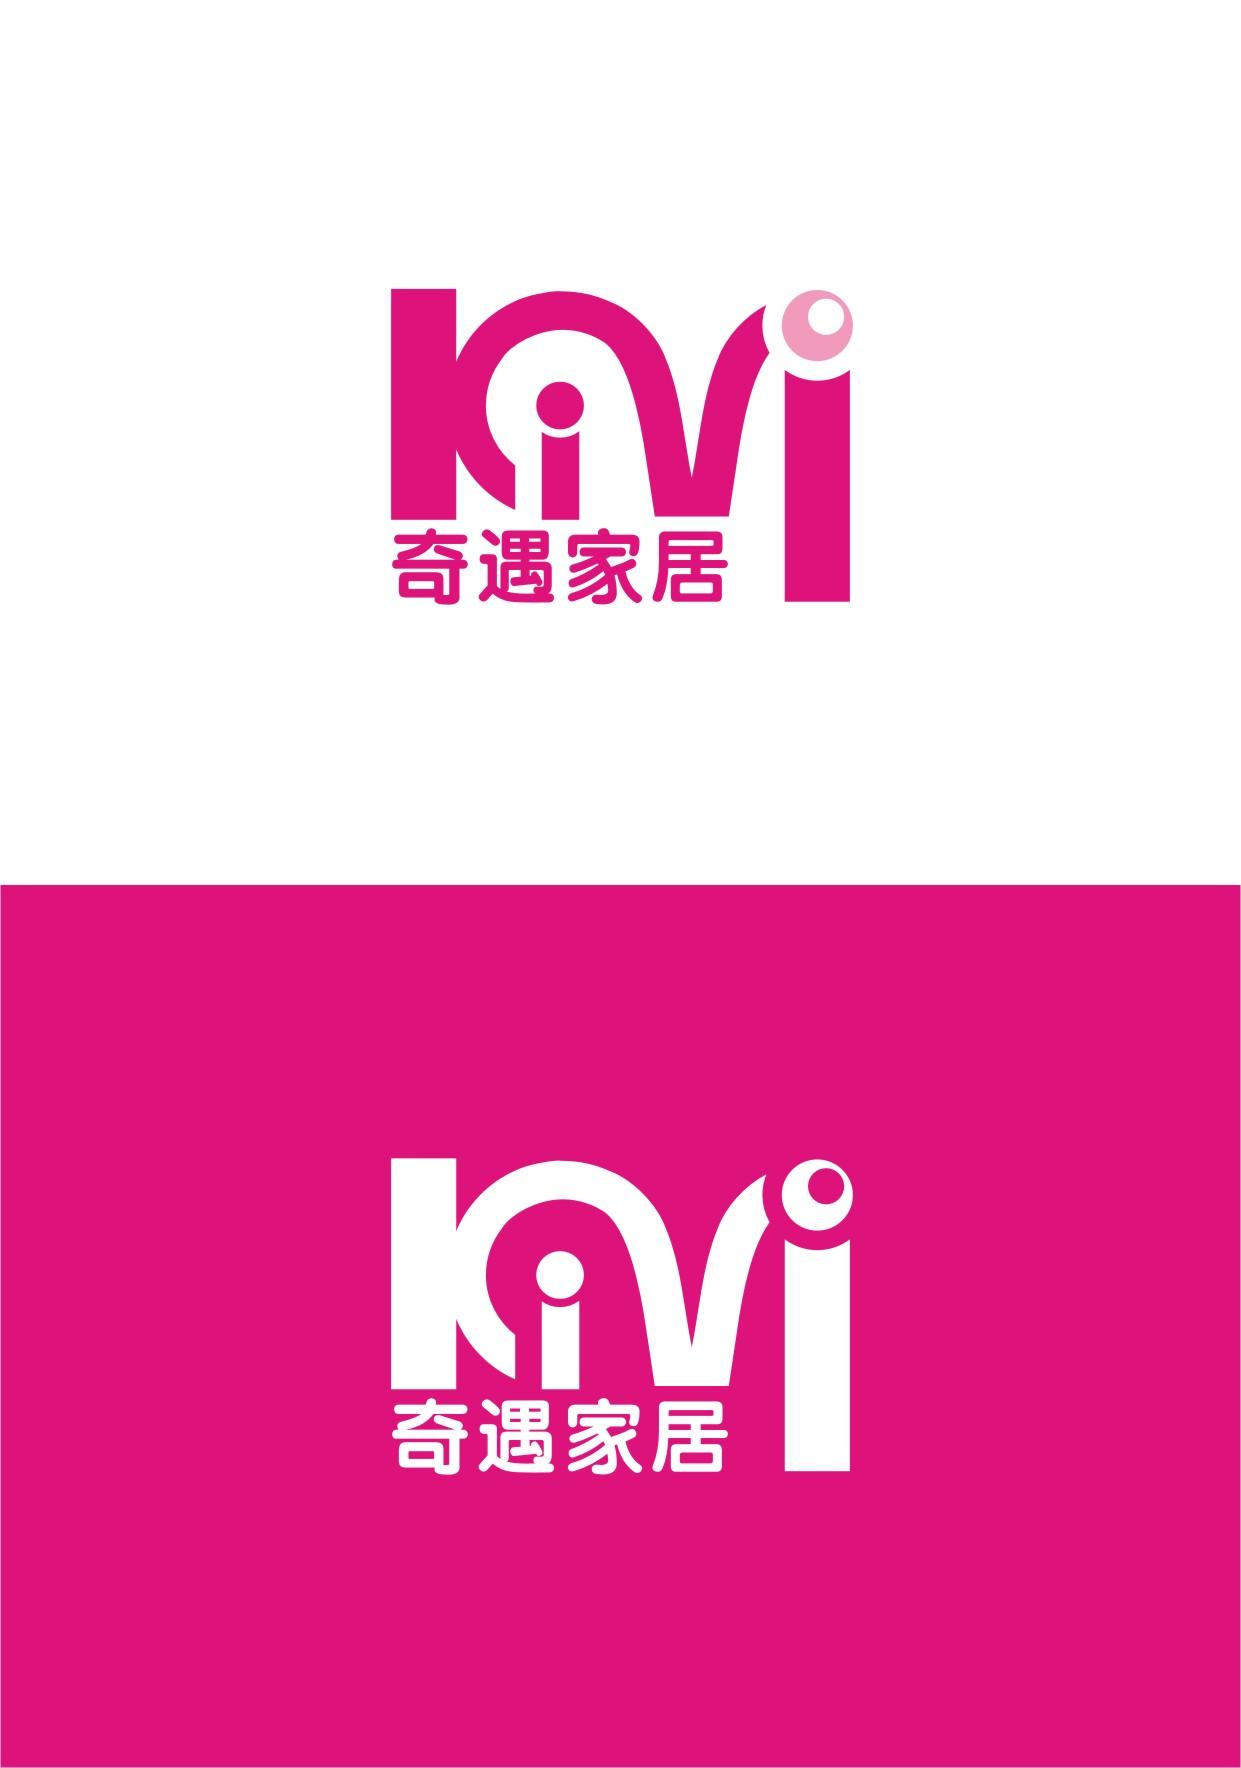 奇遇家居中英文logo设计